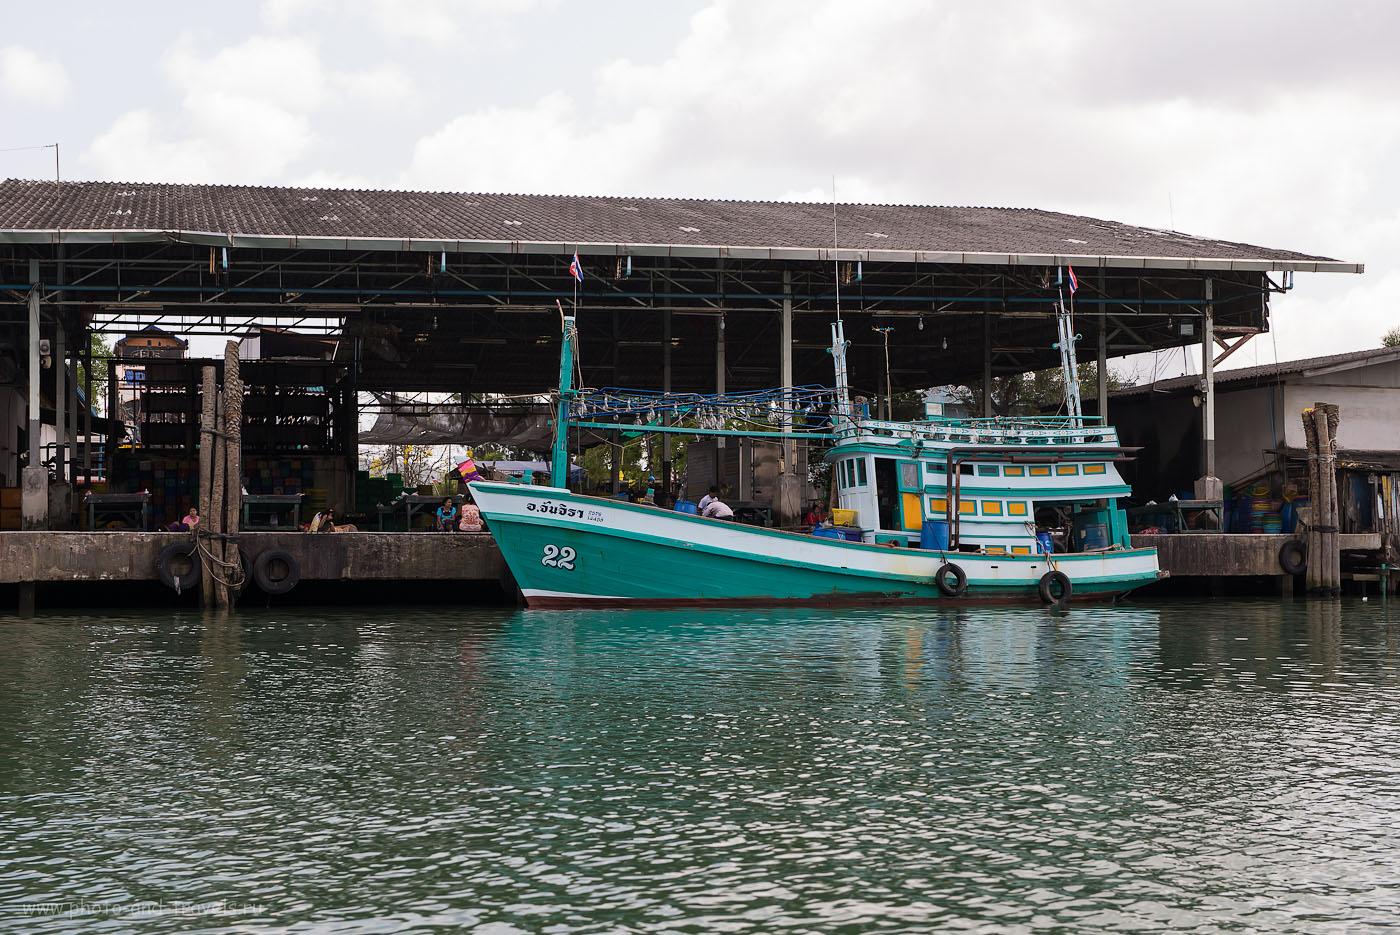 Фото 25. Рыбацкая лодка. Отдых в Таиланде самостоятельно (320, 58, 8.0, 1/160)